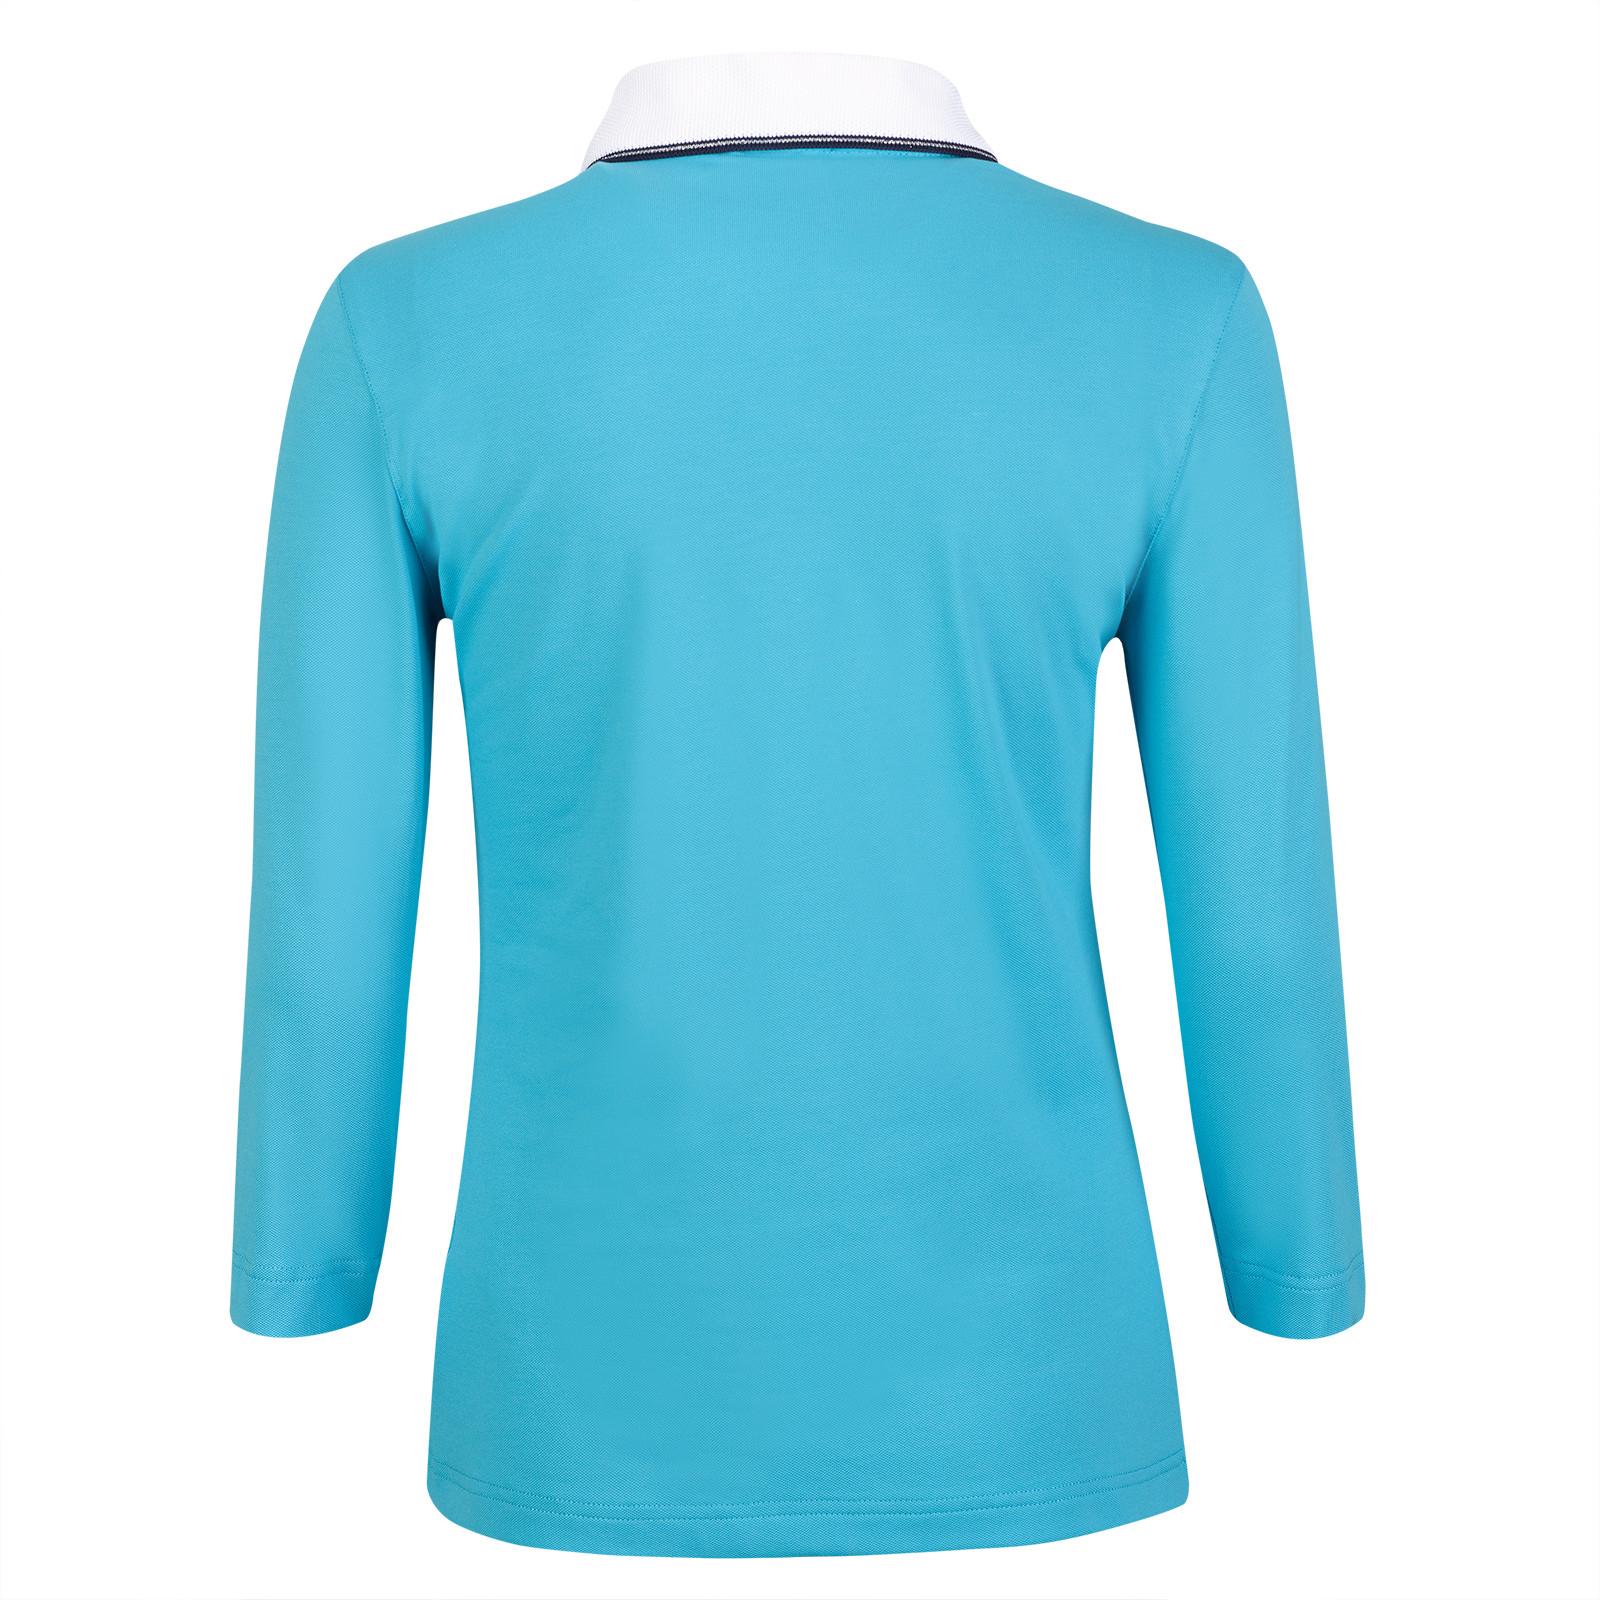 Damen 3/4-Arm Polo Shirt mit Sonnenschutz-Funktion in Slim Fit